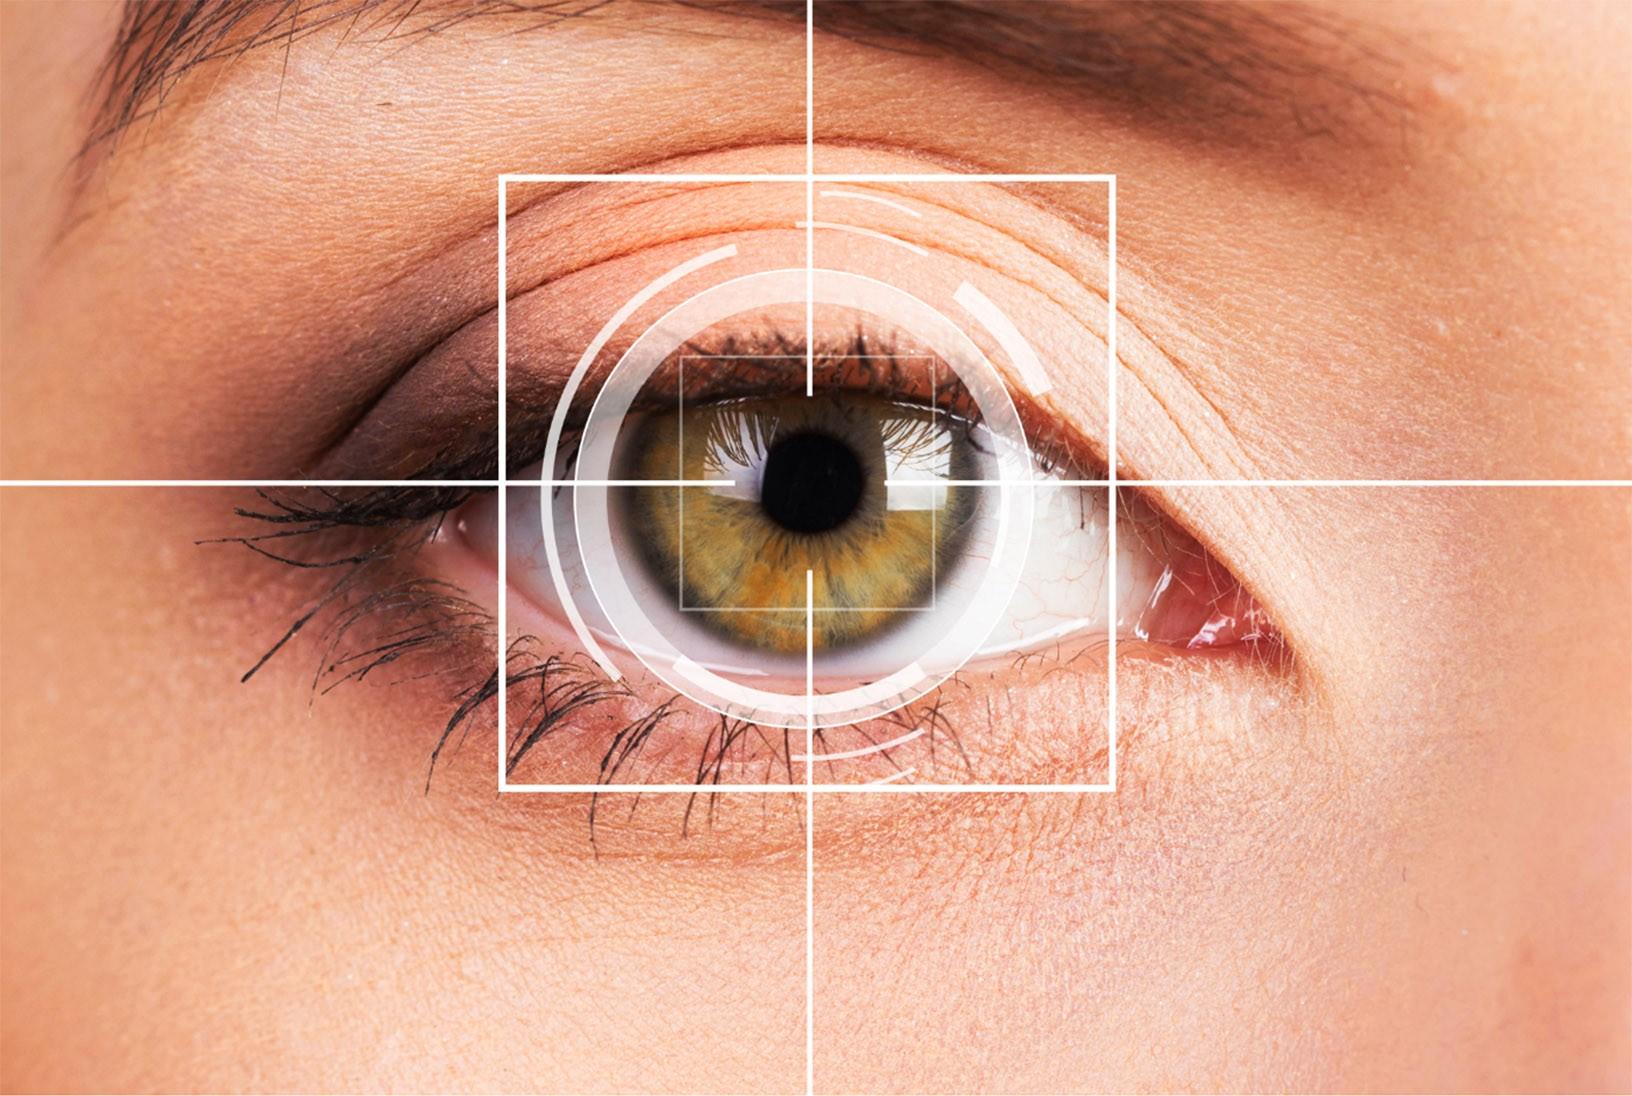 Сколько мегапикселей в глазу?